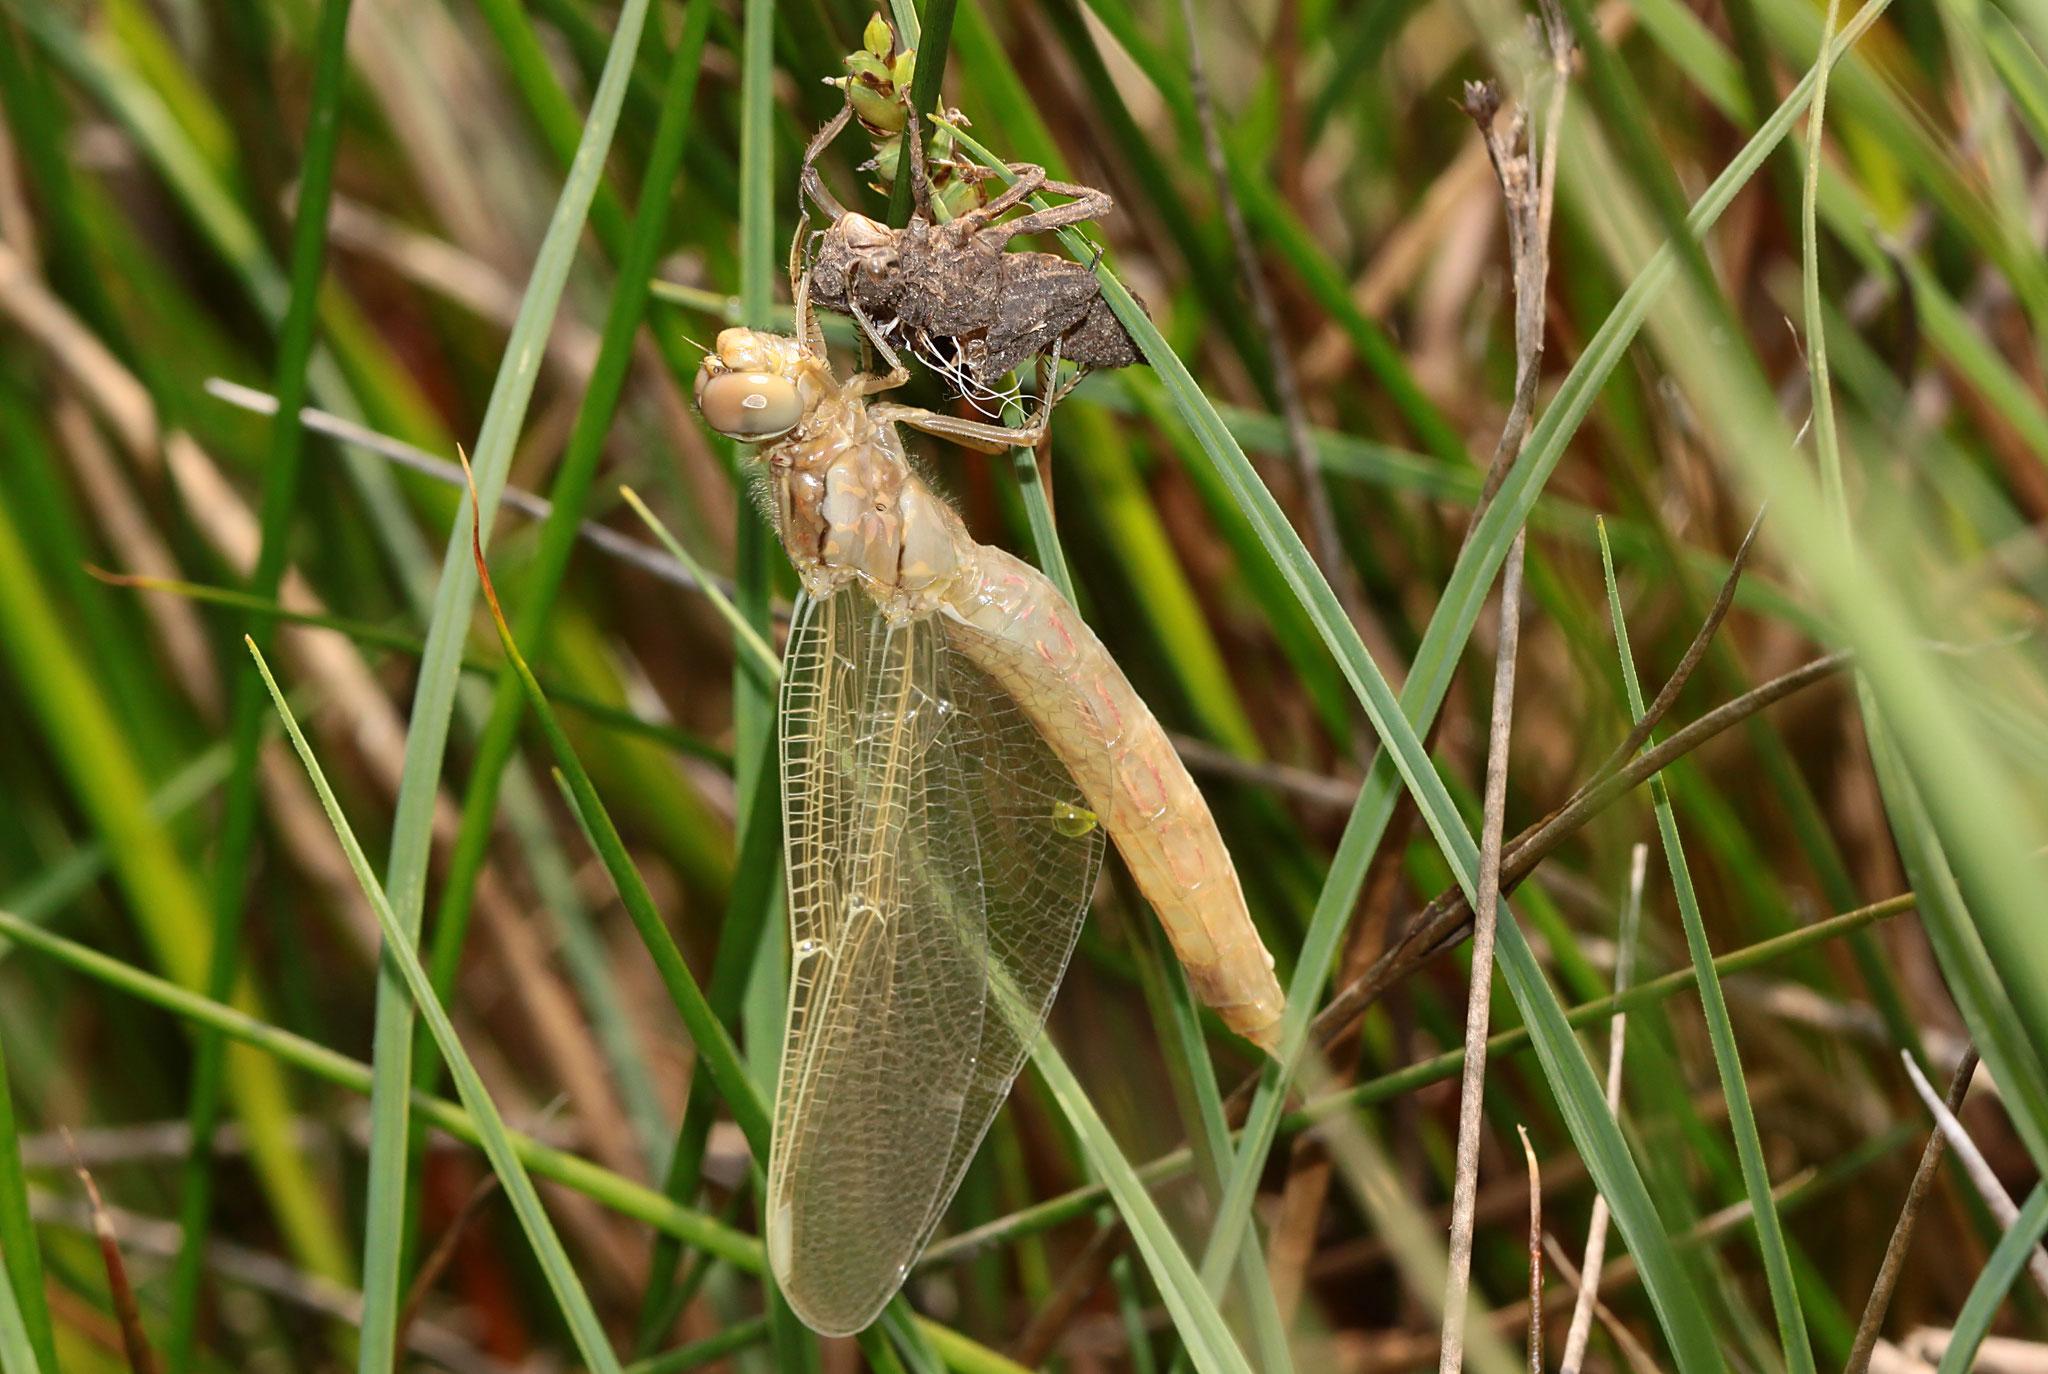 Ein Weibchen des Südlichen Blaupfeils, Orthetrum brunneum, während der Emergenz (2).